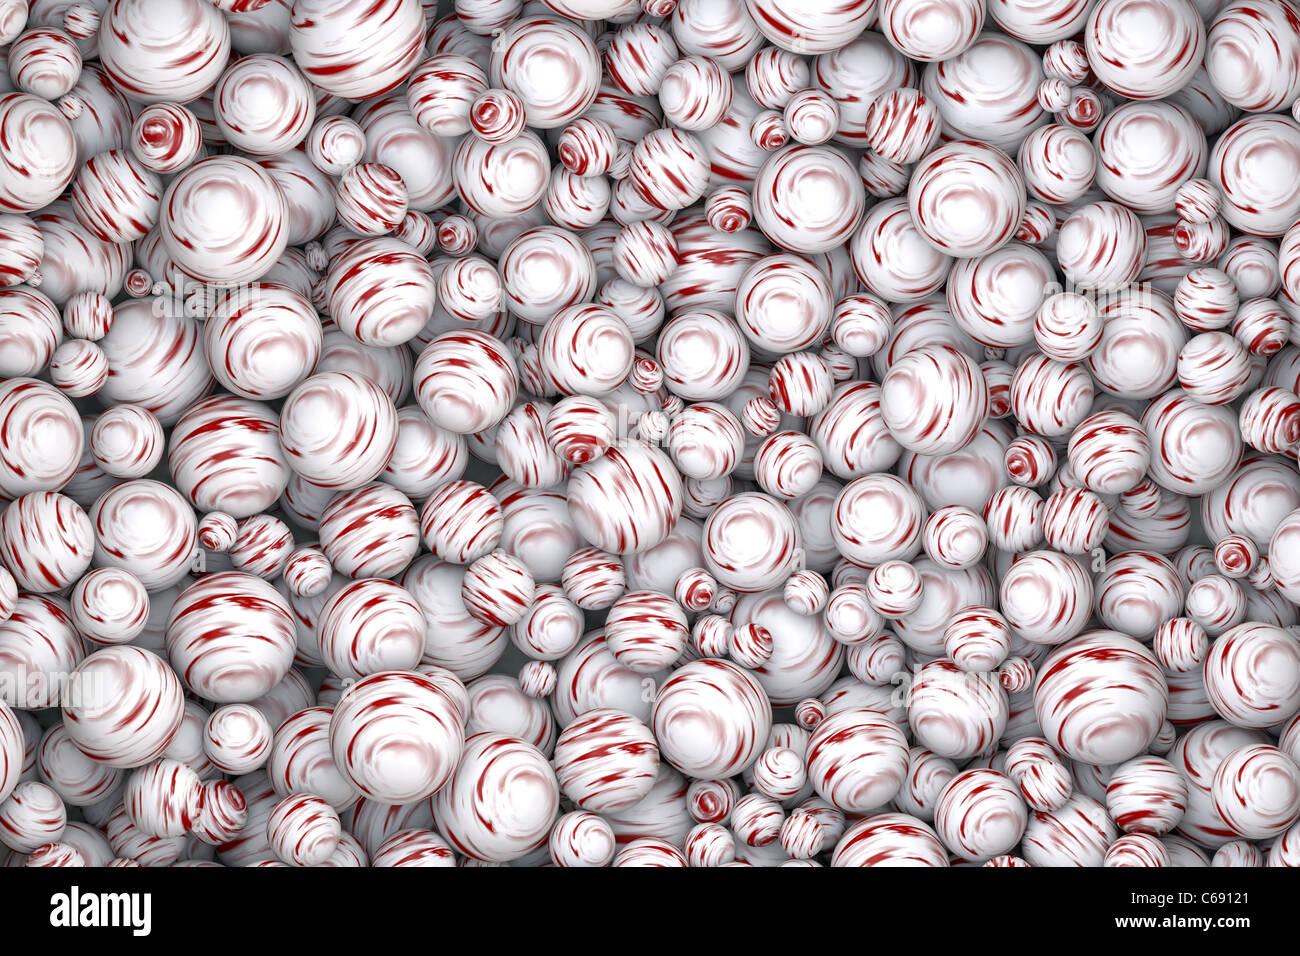 Papel tapiz de textura abstracta bolas rojas y blancas Imagen De Stock